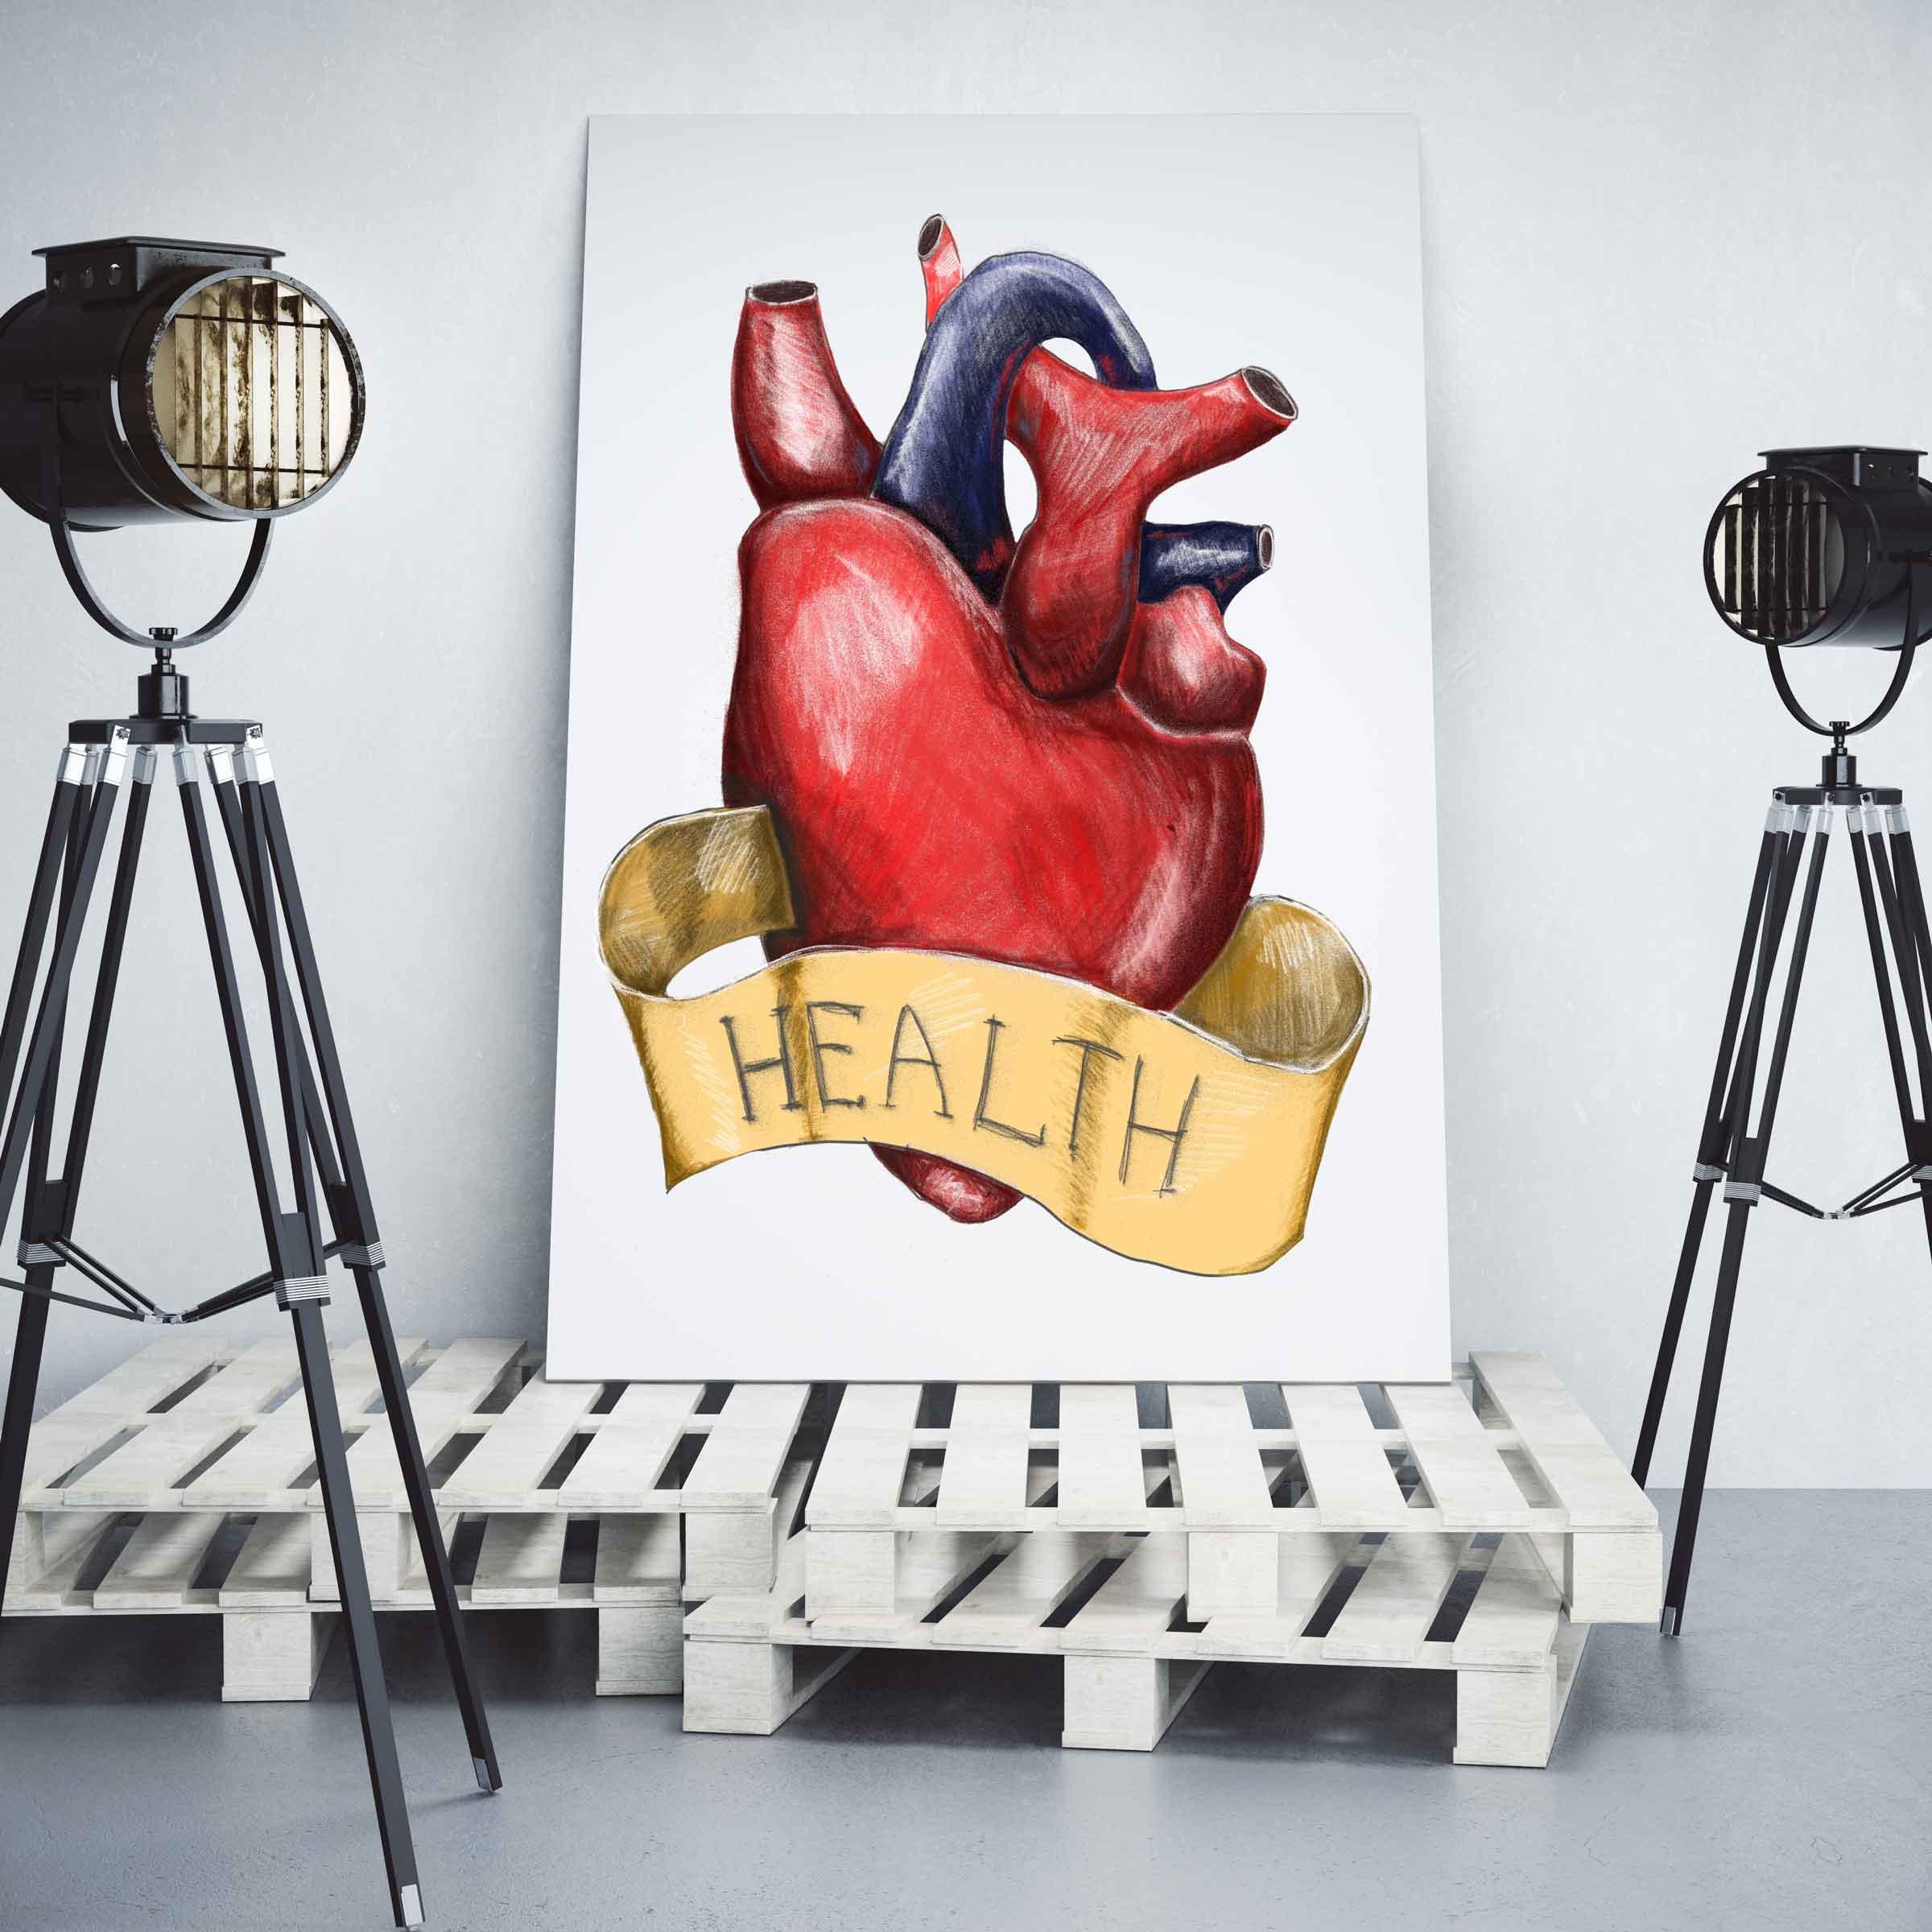 Gemälde mit menschlichem Herz Schriftband Health auf Paletten Scheinwerfer